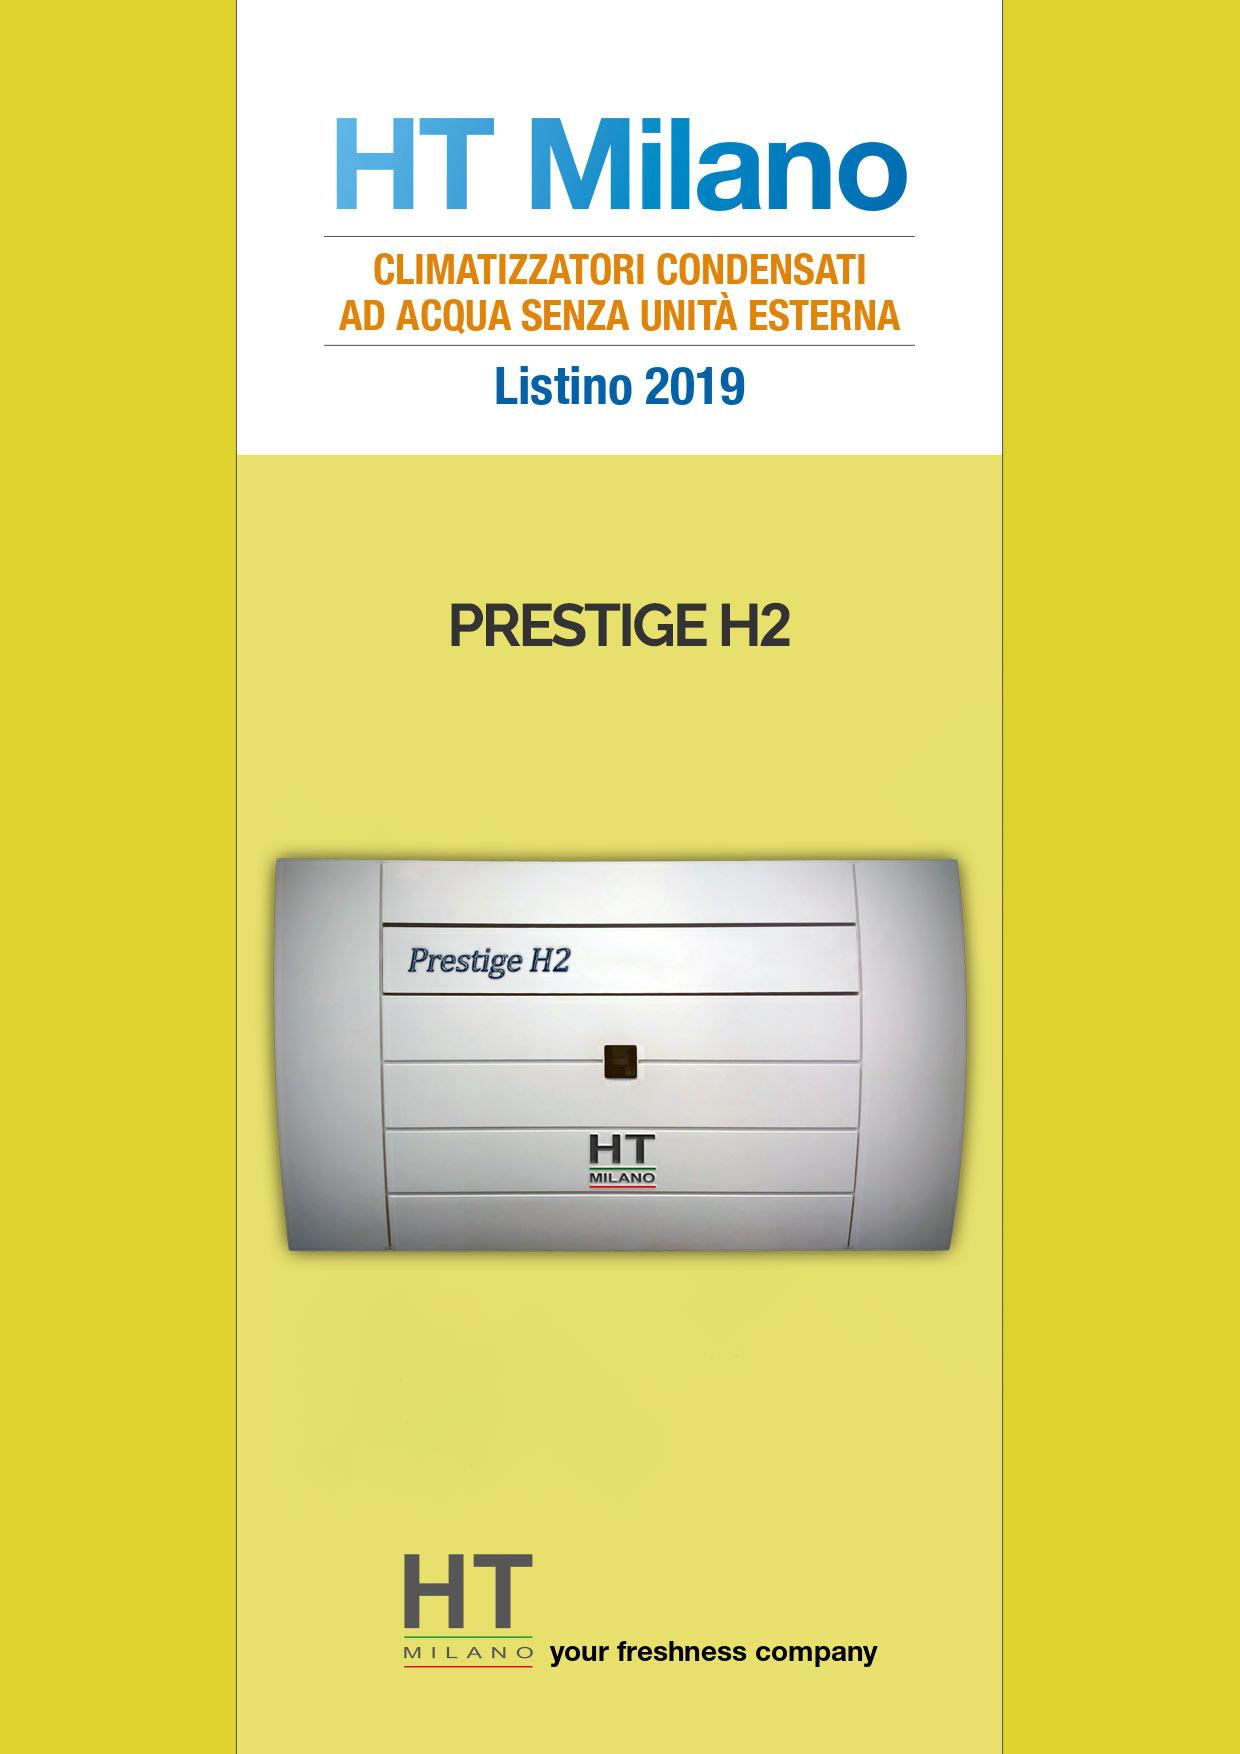 Monoblocco Prestige H2 Senza Unità Esterna Condensato ad Acqua